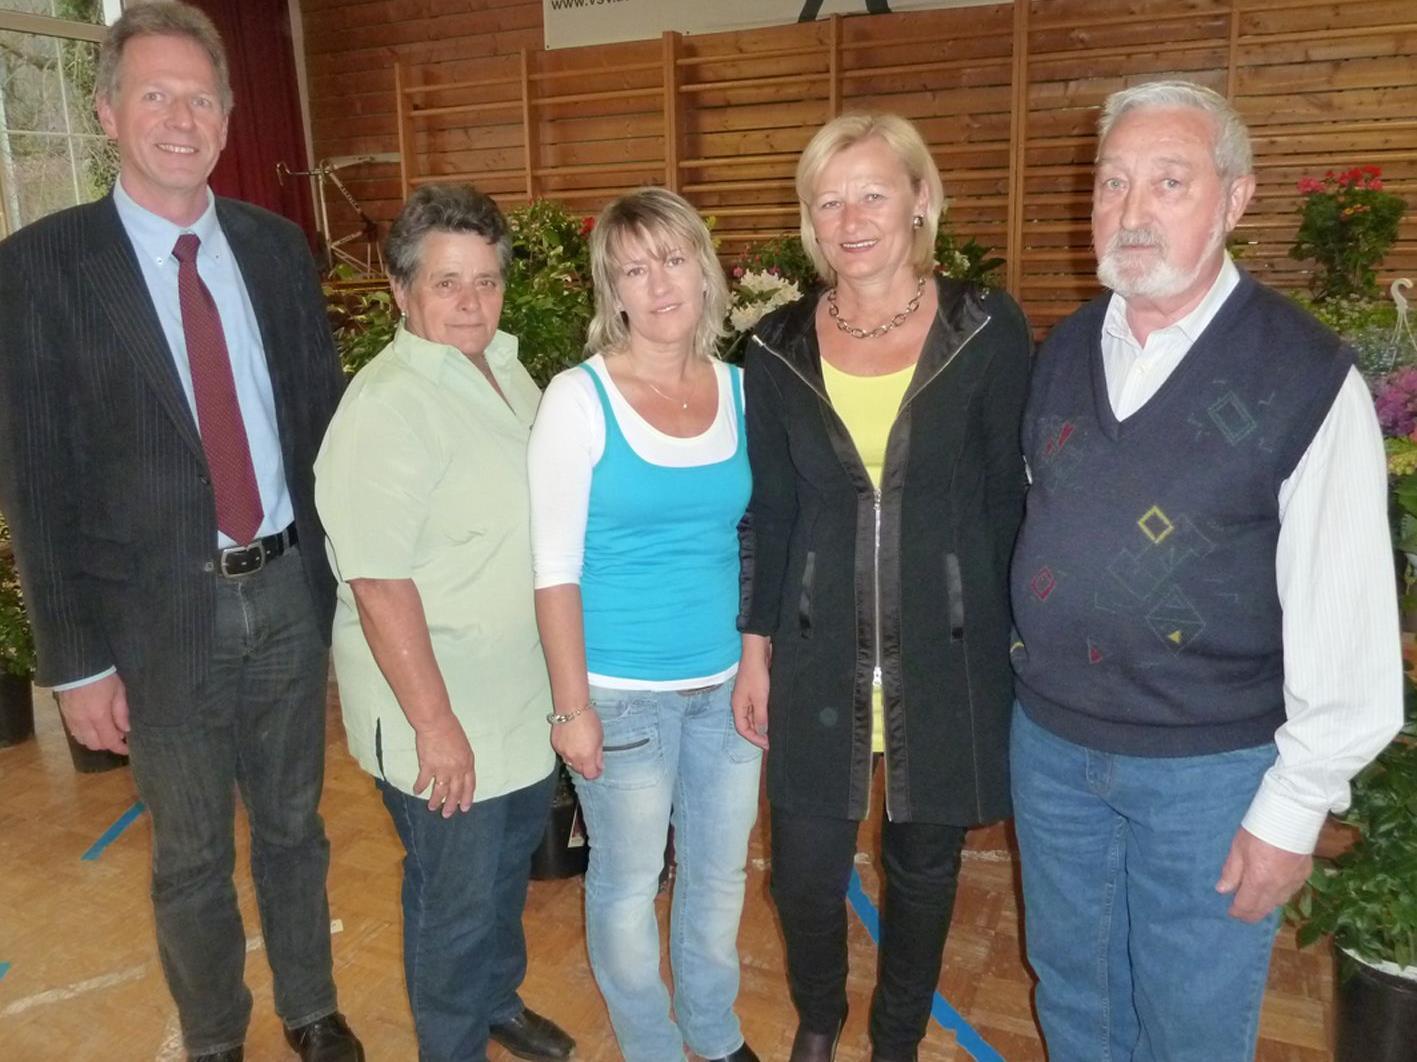 Bgm. Richard Amann mit Ottilie und Sabrina Franz, Monika Zgaga und Peter  Graziadei (v.l.)